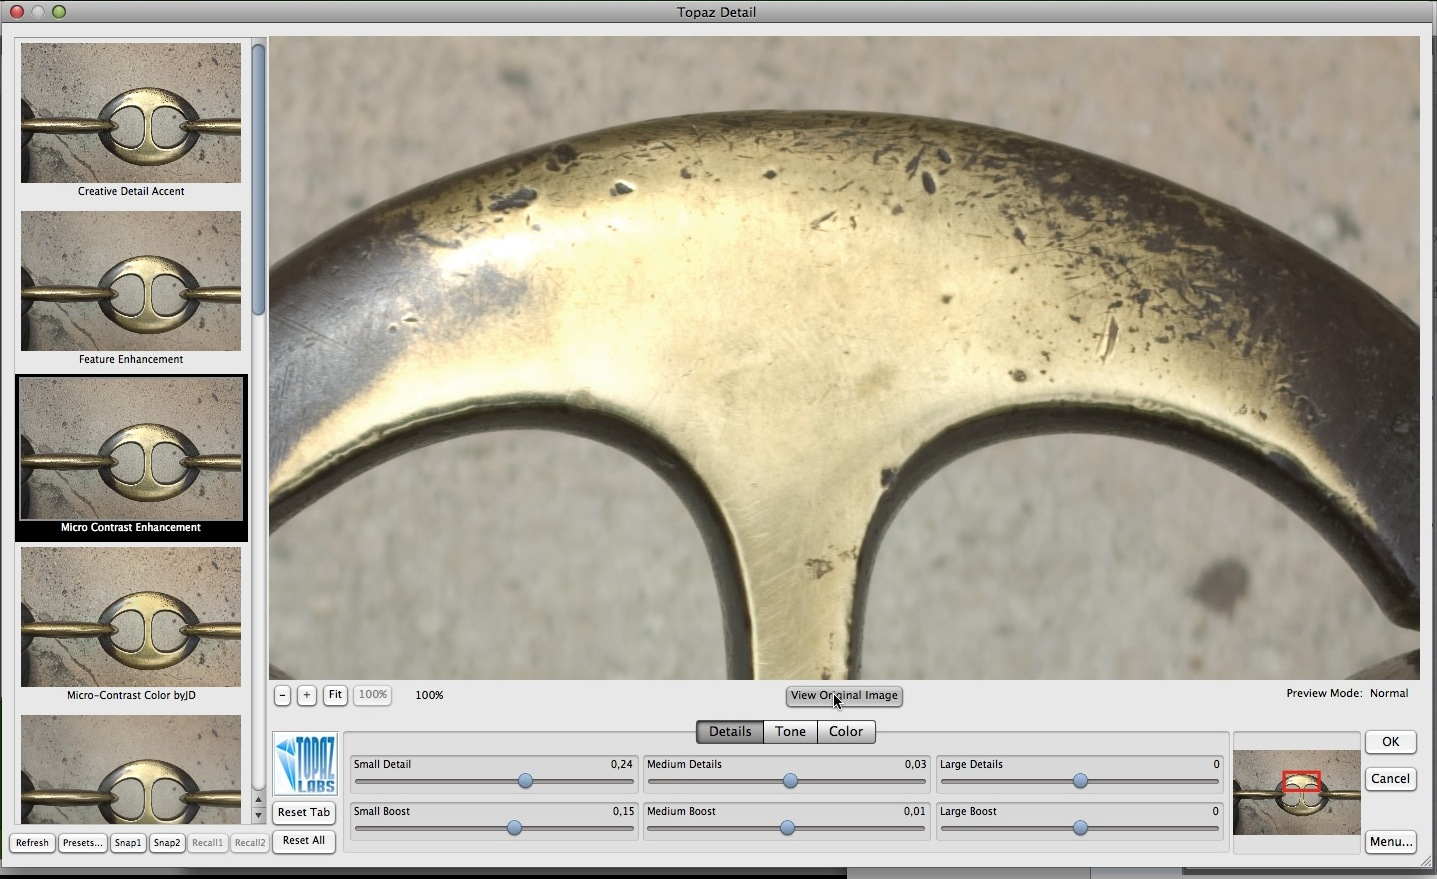 Neues Fotoschärfewerkzeug verspricht Artefakte-Freiheit -